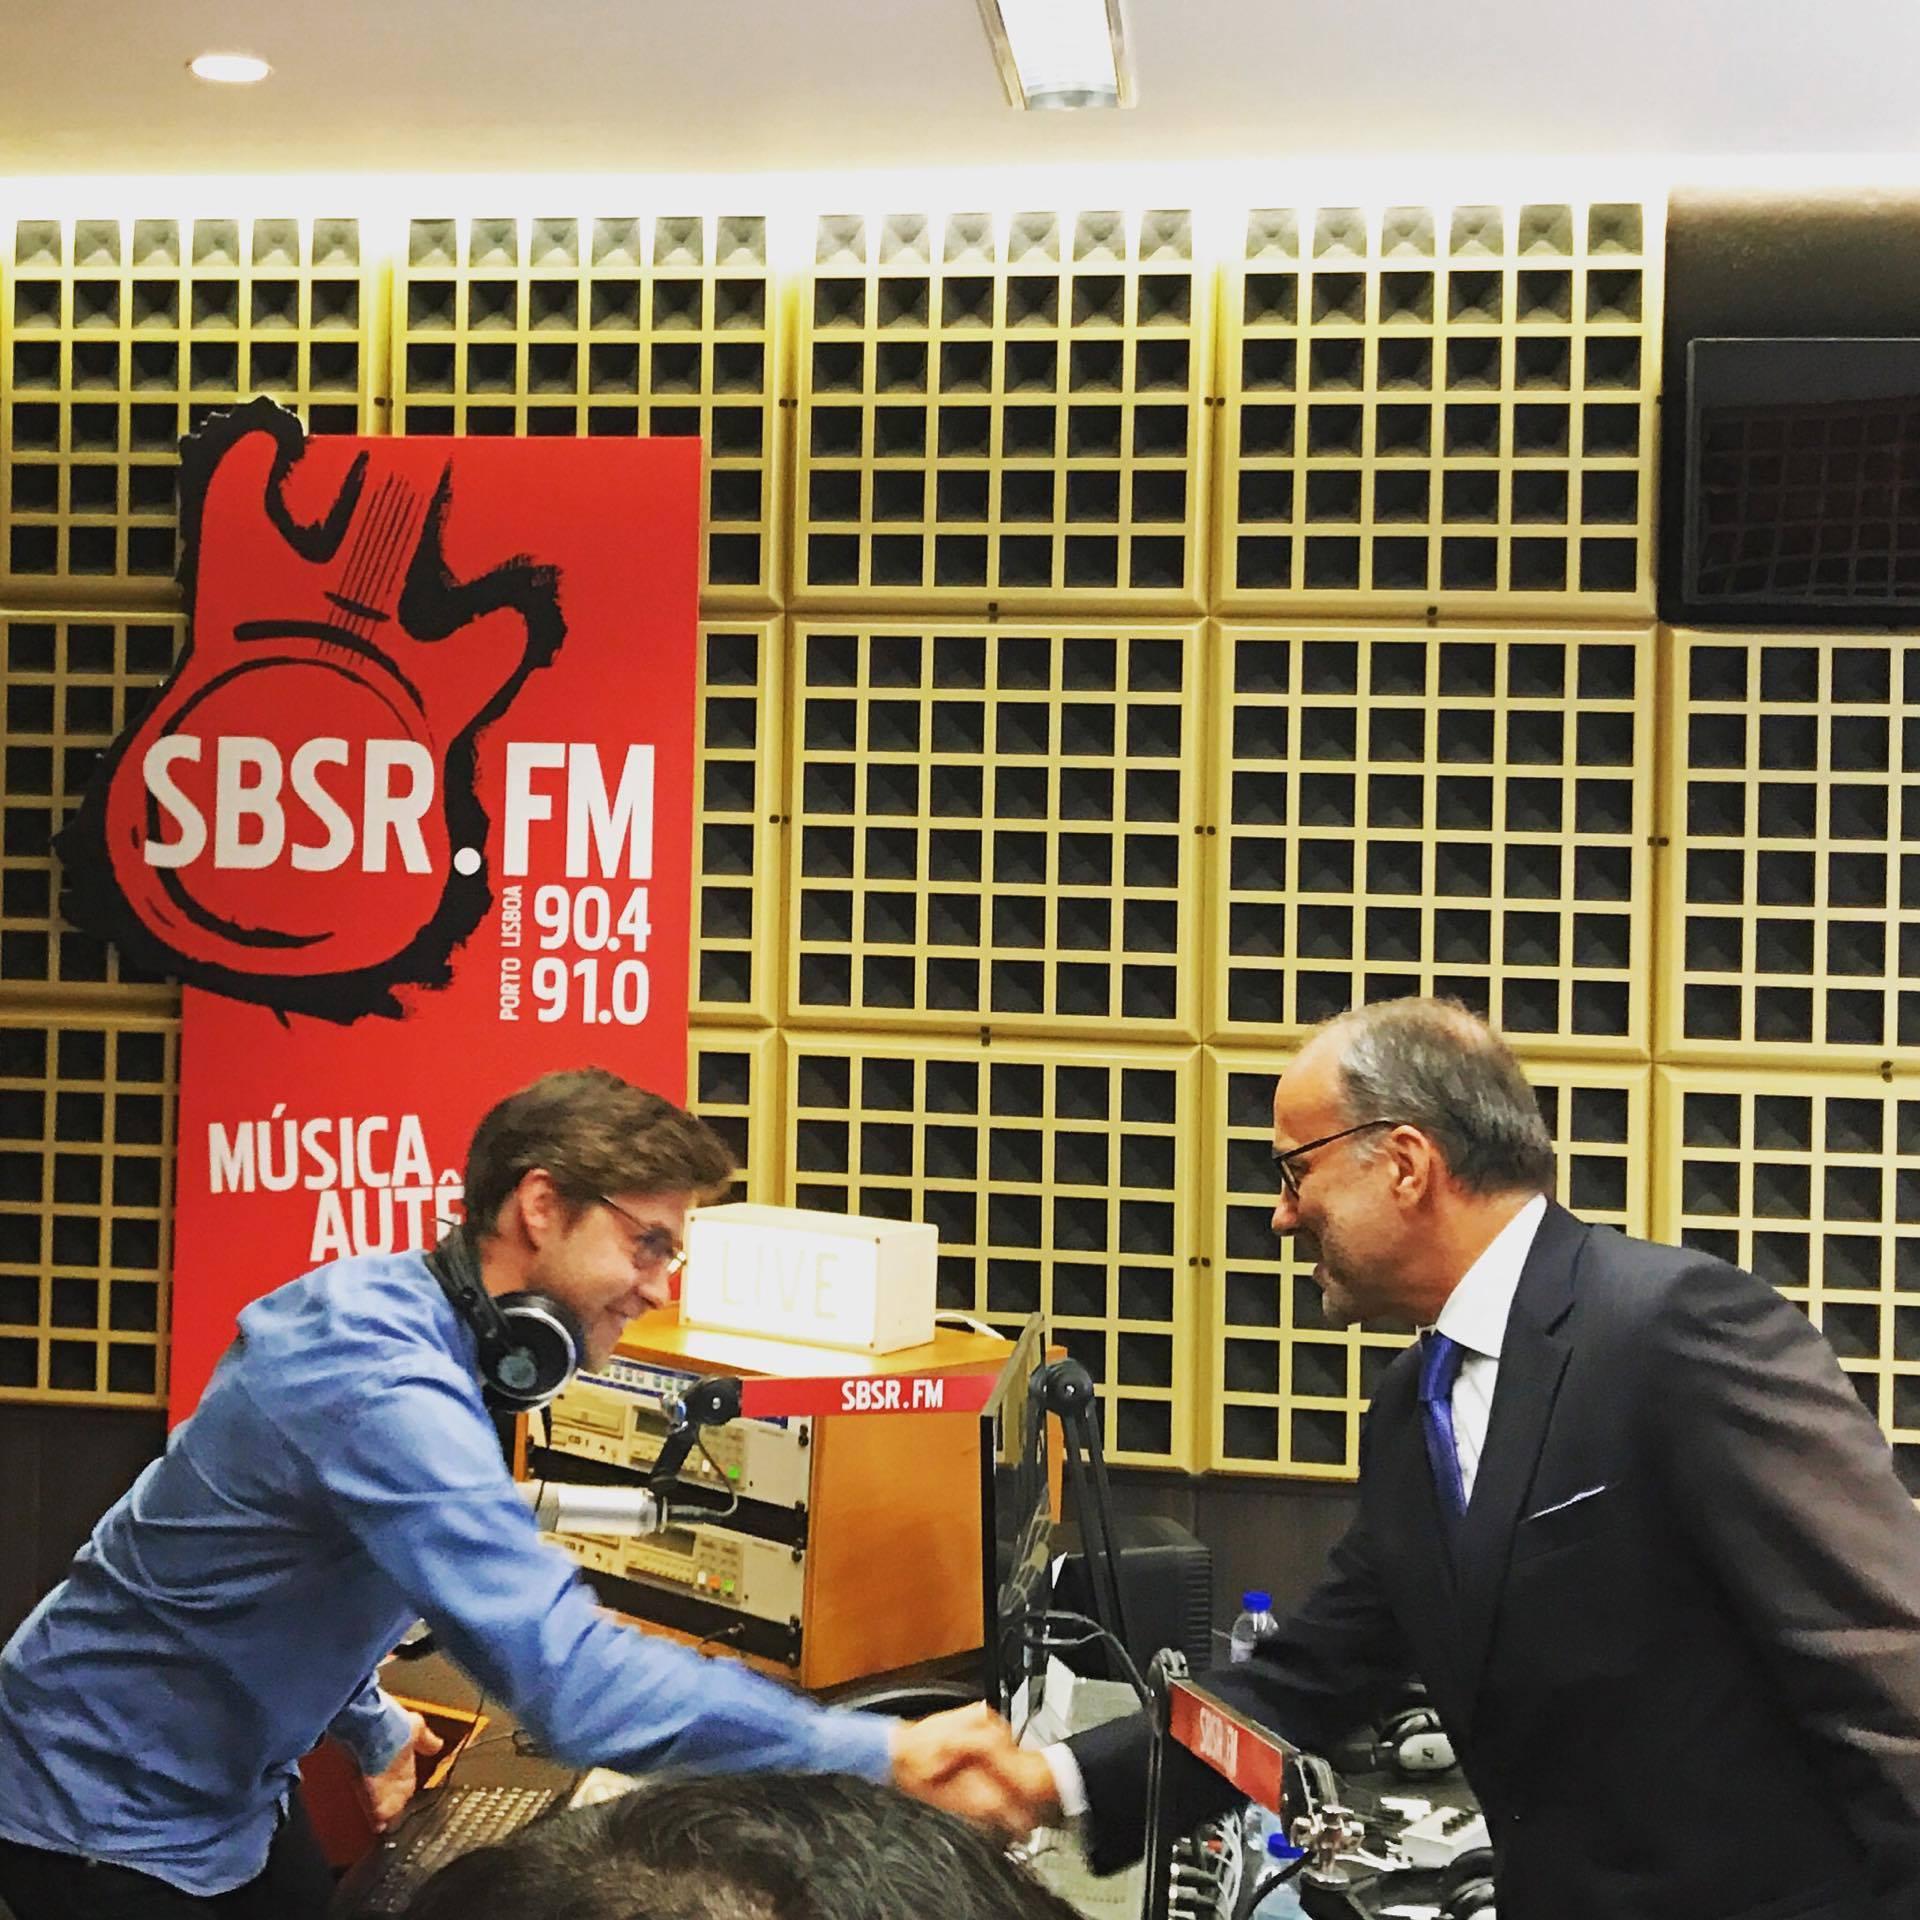 SBSR.fm